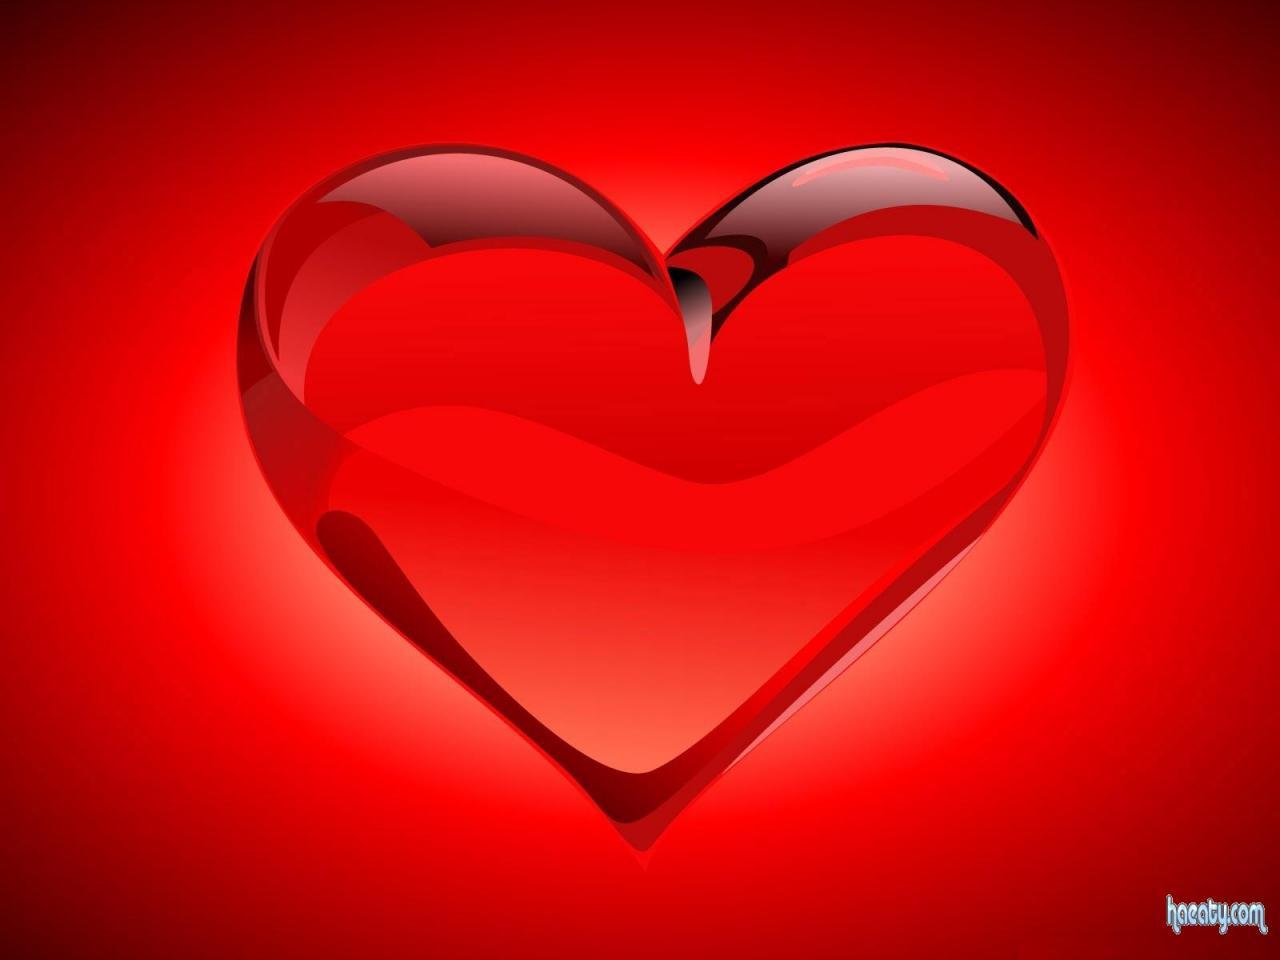 صور صور قلوب حب , قلوب جميلة ملونة بالصور